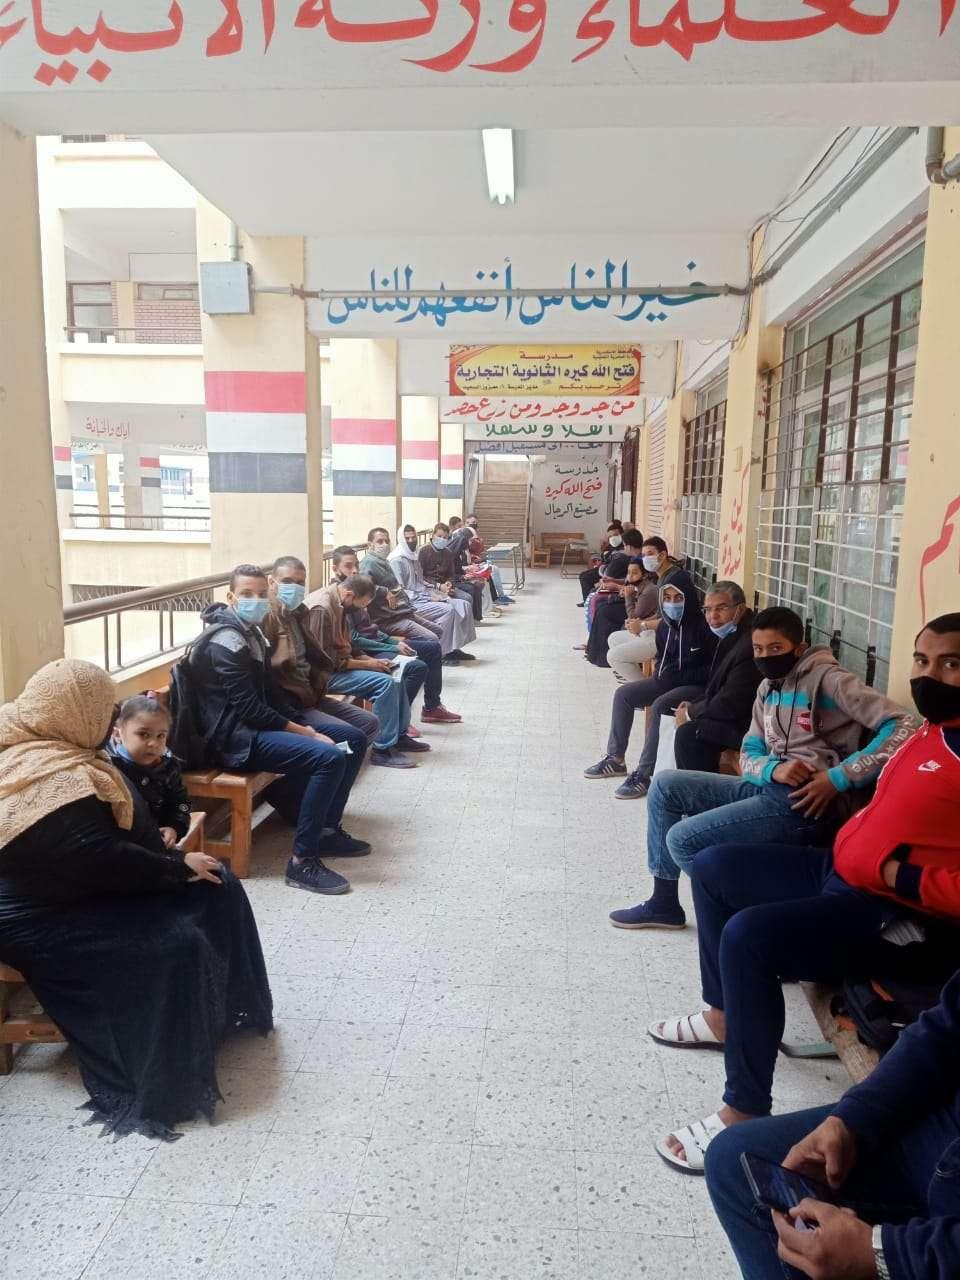 وكيل التعليم بالإسكندرية يتابع تسليم شرائح الانترنت للطلاب